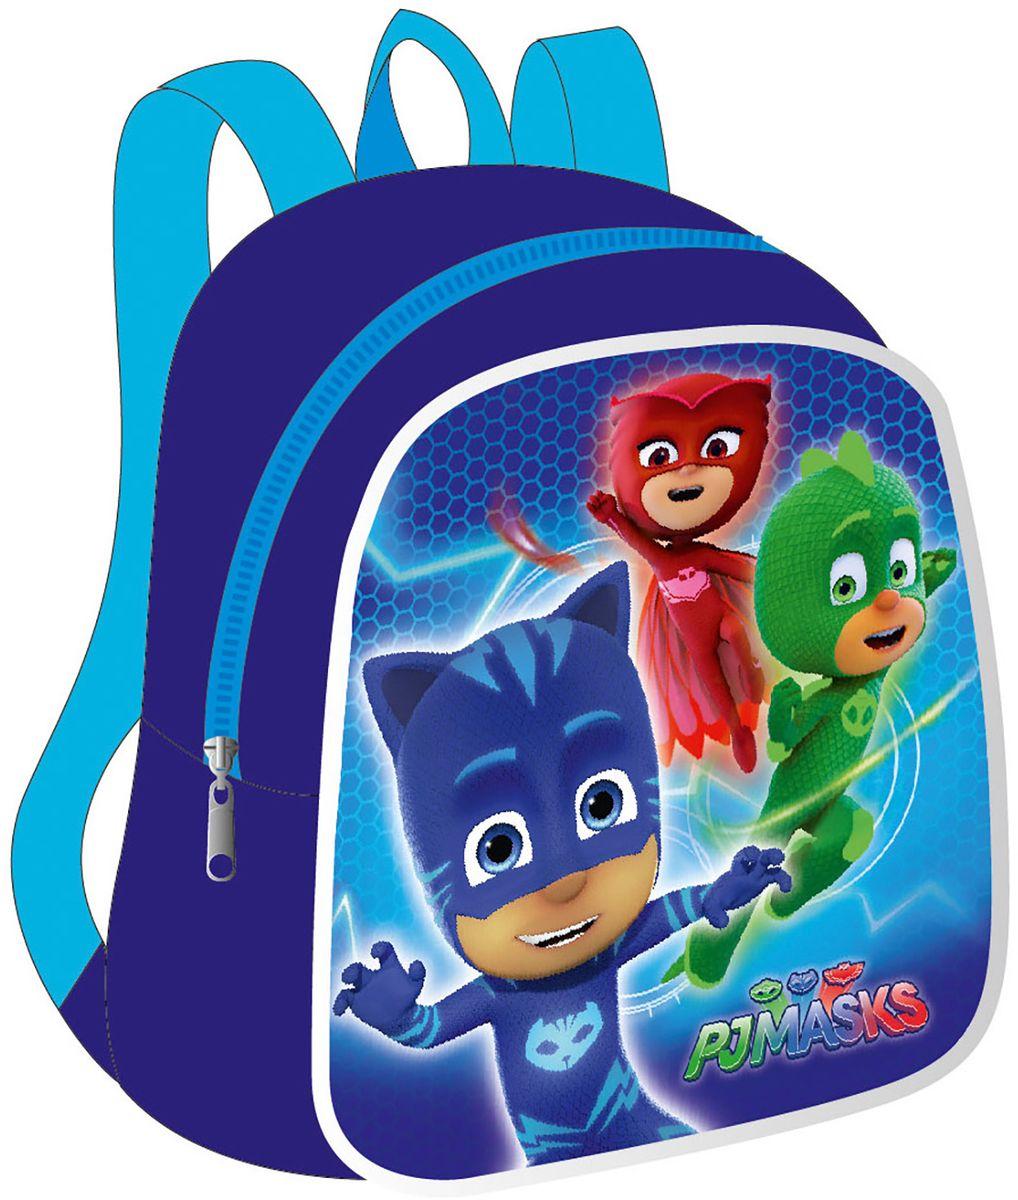 Герои в масках Рюкзак дошкольный цвет синий 3274732747Легкий и компактный дошкольный рюкзачок Герои в масках - это красивый и удобный аксессуар для вашего ребенка. В его внутреннем отделении на молнии легко поместятся не только игрушки, но даже тетрадка или книжка формата А5. Благодаря регулируемым лямкам, рюкзачок подходит детям любого роста. Удобная ручка помогает носить аксессуар в руке или размещать на вешалке. Износостойкий материал с водонепроницаемой основой и подкладка обеспечивают изделию длительный срок службы и помогают держать вещи сухими в дождливую погоду. Аксессуар декорирован ярким принтом (сублимированной печатью), устойчивым к истиранию и выгоранию на солнце. Размер: 23х19х8 см.